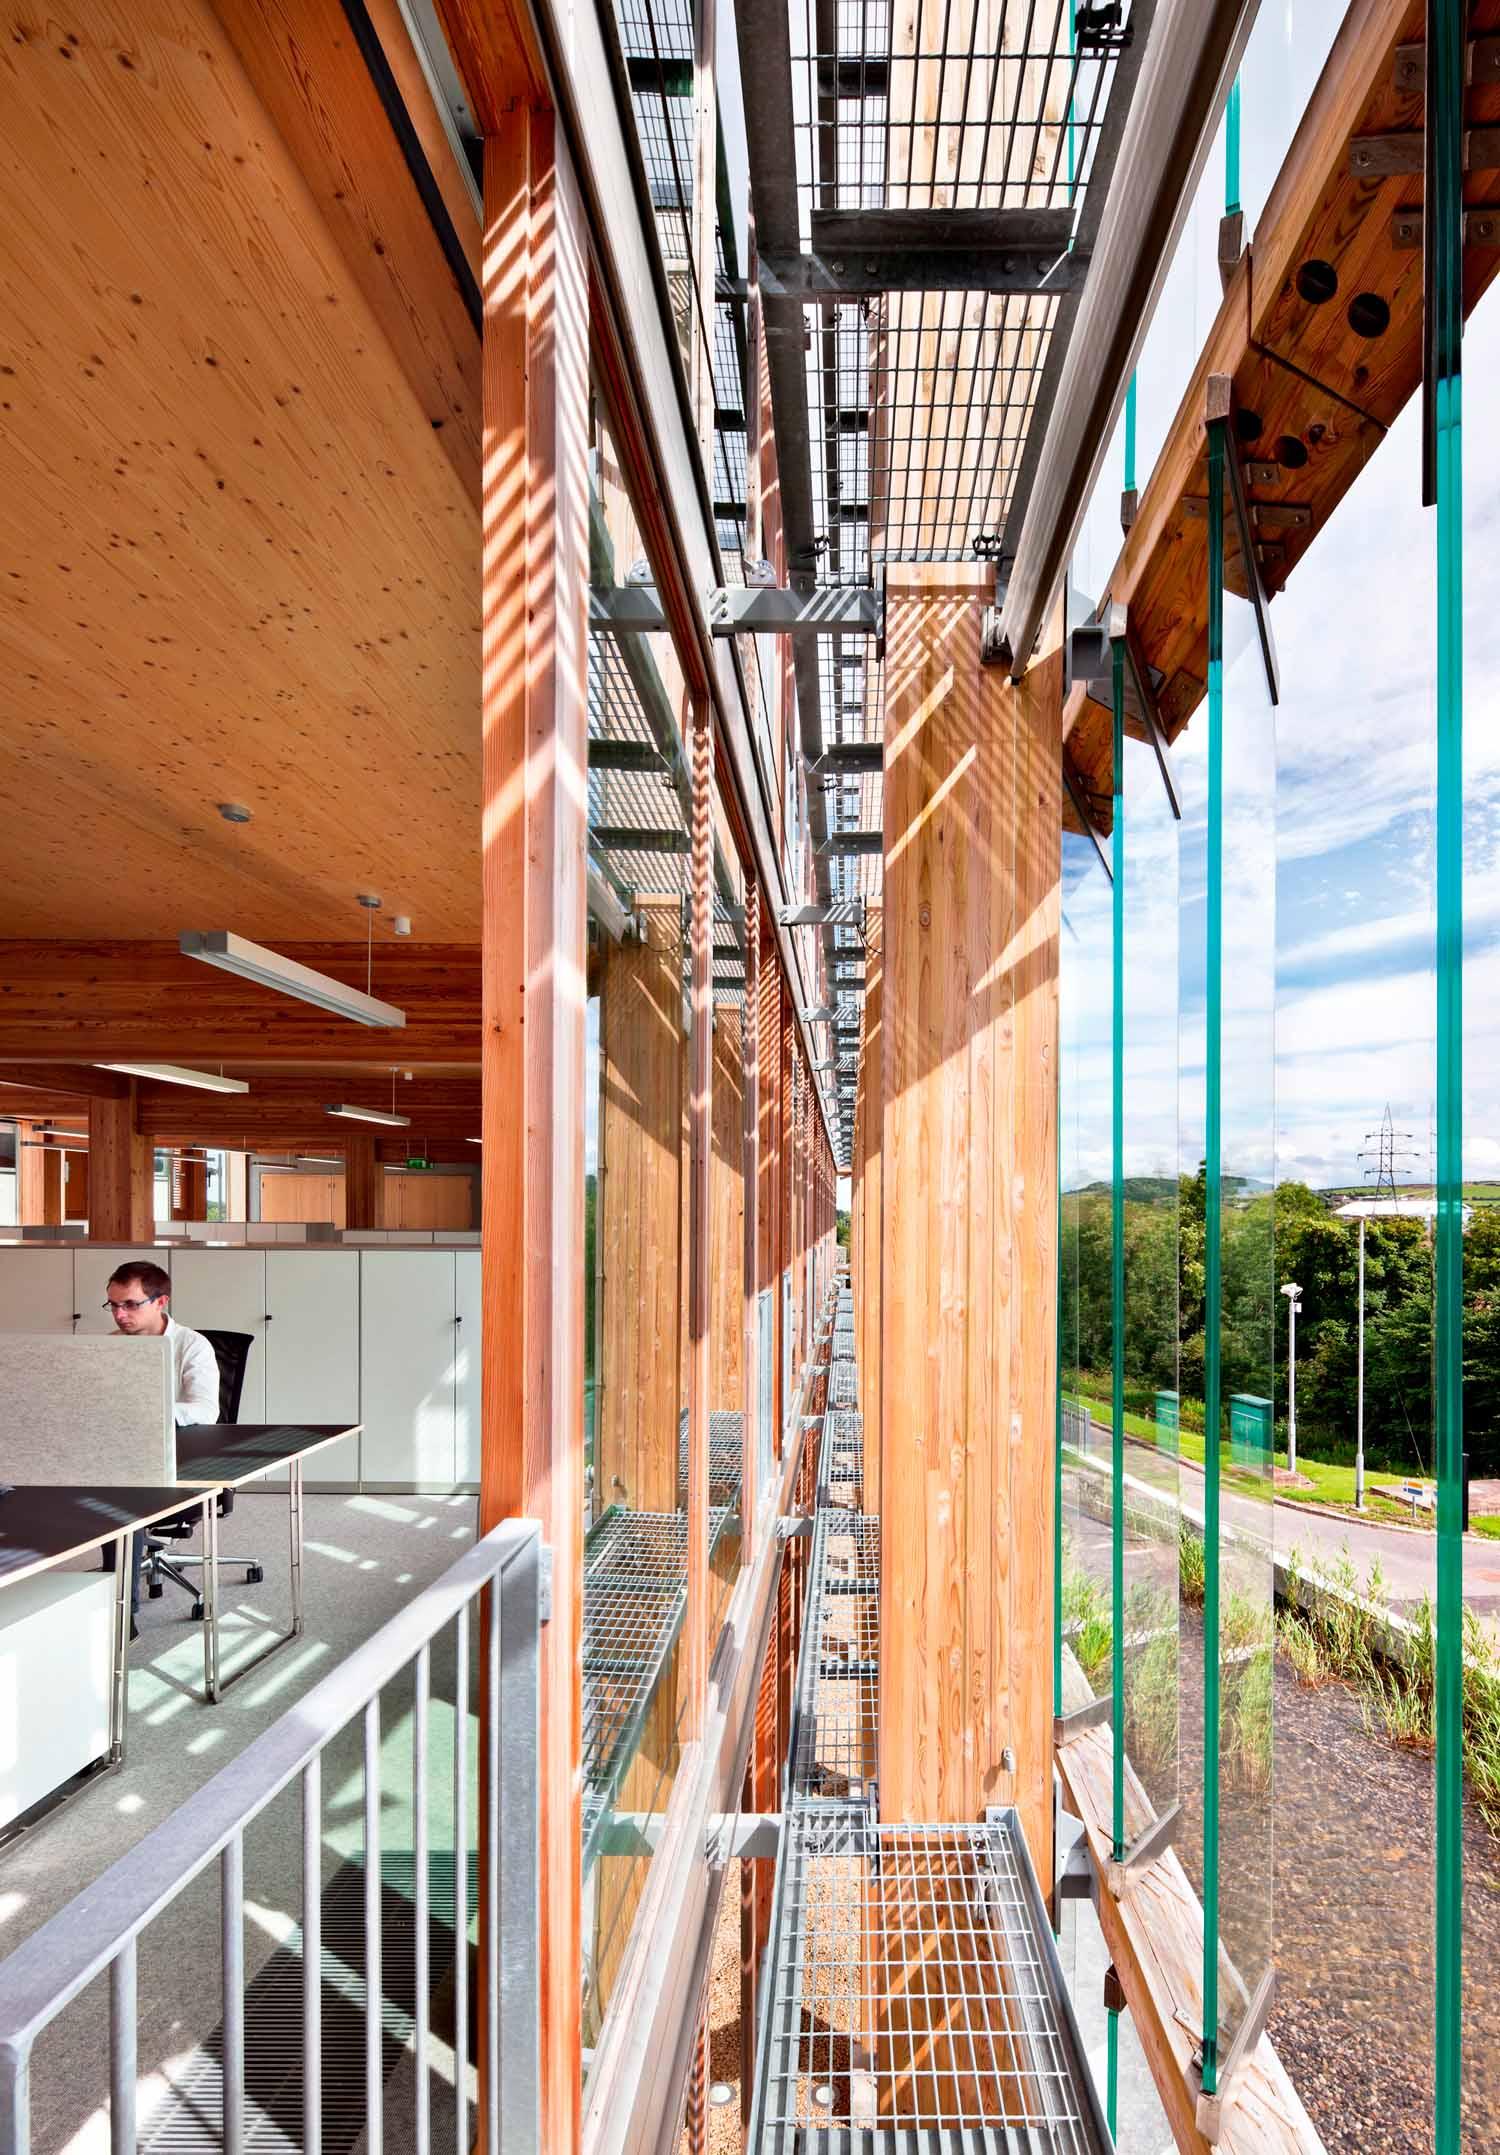 Centro operativo e di manutenzione comunale, progetto in collaborazione con l'ufficio tecnico della contea di Dun Laoghaire Rathdown, Ballyogan, Irlanda, 2012